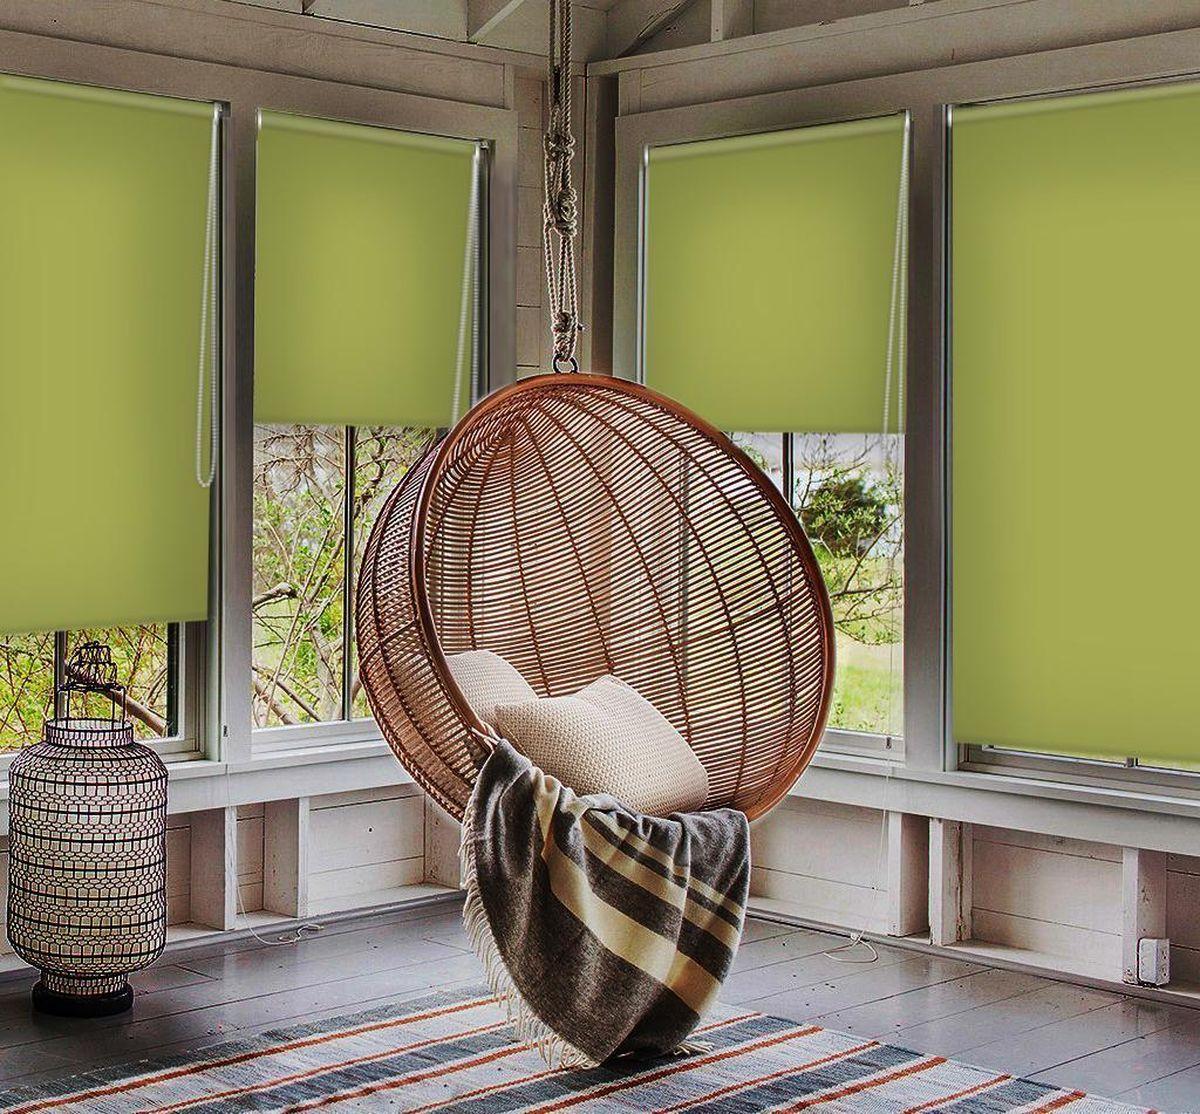 Штора рулонная Эскар Миниролло. Blackout, светонепроницаемая, цвет: оливковый, ширина 57 см, высота 170 см34080057170Рулонными шторами можно оформлять окна как самостоятельно, так и использовать в комбинации с портьерами. Это поможет предотвратить выгорание дорогой ткани на солнце и соединит функционал рулонных с красотой навесных. Преимущества применения рулонных штор для пластиковых окон: - имеют прекрасный внешний вид: многообразие и фактурность материала изделия отлично смотрятся в любом интерьере; - многофункциональны: есть возможность подобрать шторы способные эффективно защитить комнату от солнца, при этом она не будет слишком темной. - Есть возможность осуществить быстрый монтаж. ВНИМАНИЕ! Размеры ширины изделия указаны по ширине ткани! Во время эксплуатации не рекомендуется полностью разматывать рулон, чтобы не оторвать ткань от намоточного вала. В случае загрязнения поверхности ткани, чистку шторы проводят одним из способов, в зависимости от типа загрязнения: легкое поверхностное загрязнение можно удалить при помощи канцелярского ластика; чистка от пыли производится сухим методом при...